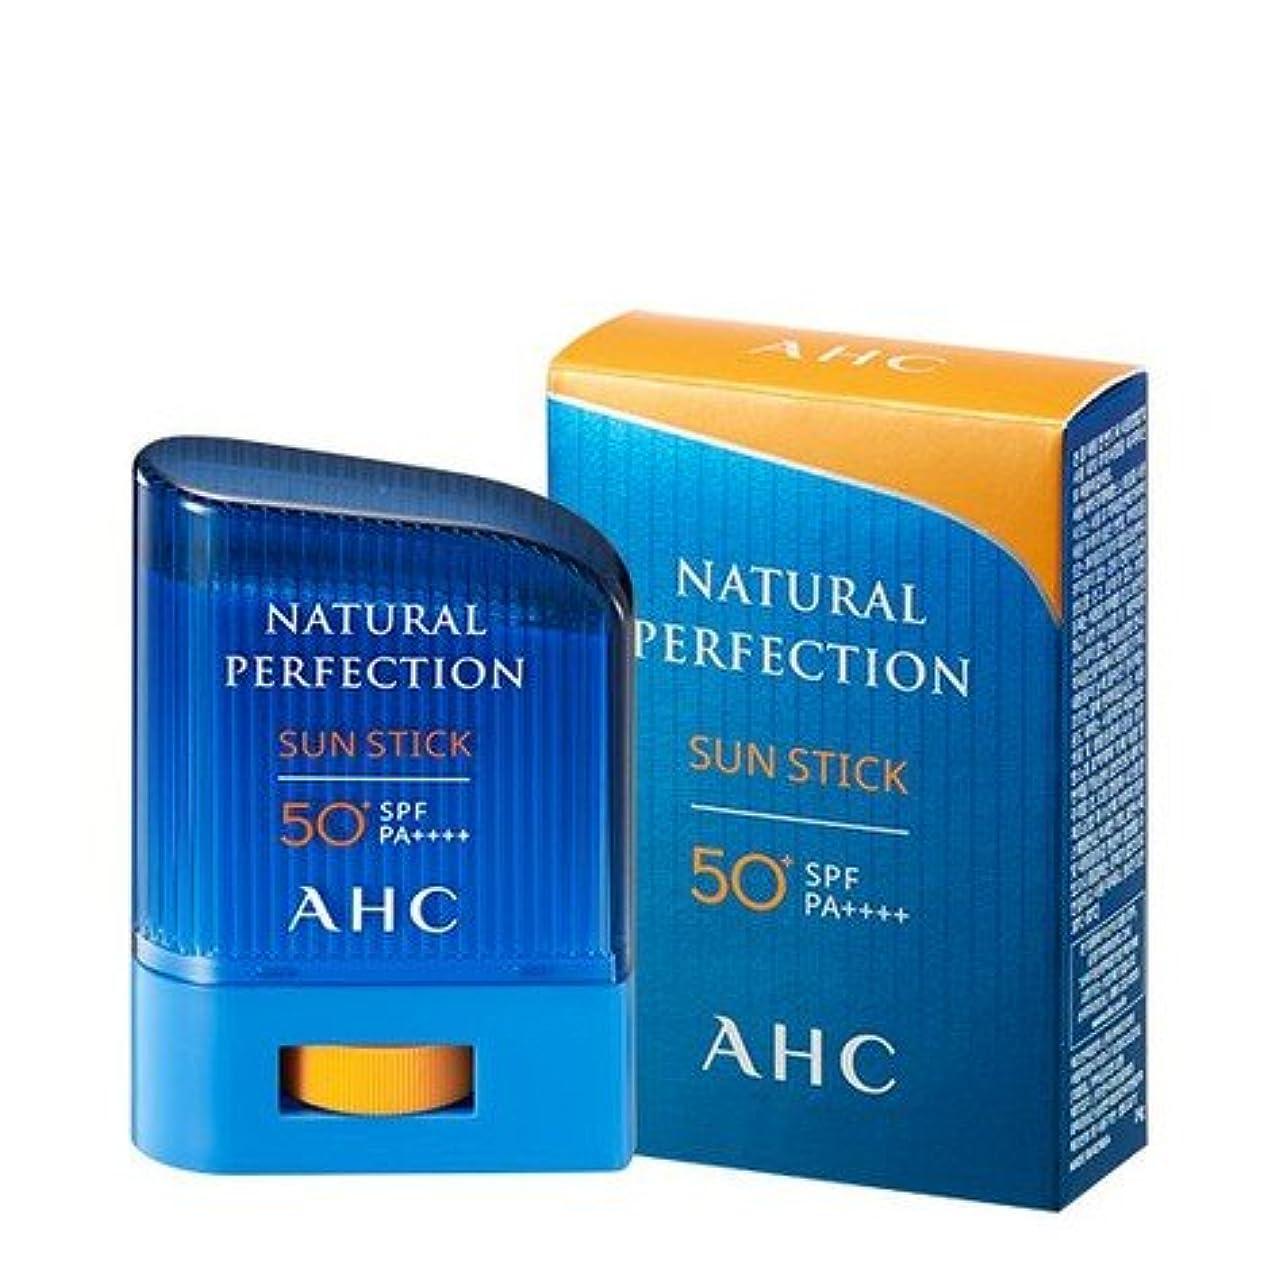 モッキンバード鳴り響く応答[Renewal 最新] AHCナチュラルパーフェクション線スティック / AHC NATURAL PERFECTION SUN STICK [SPF 50+ / PA ++++] [並行輸入品] (22g)